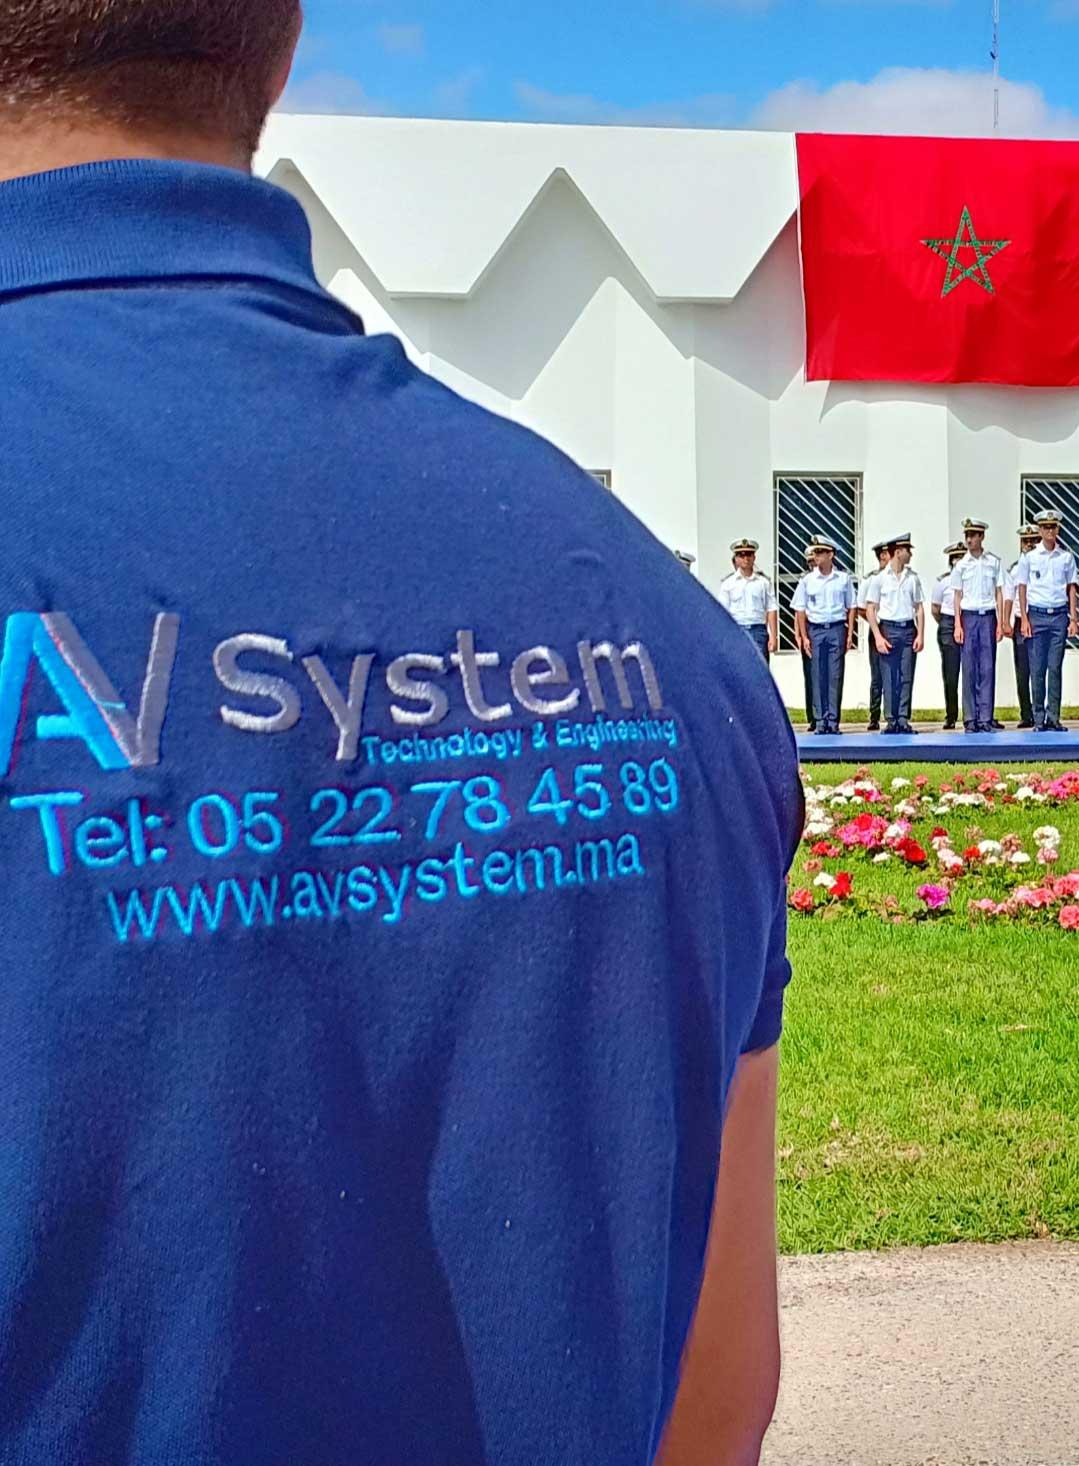 AV System | Vente, Location et installation de solutions et matérielles techniques pour tous vos événements Casablanca Maroc